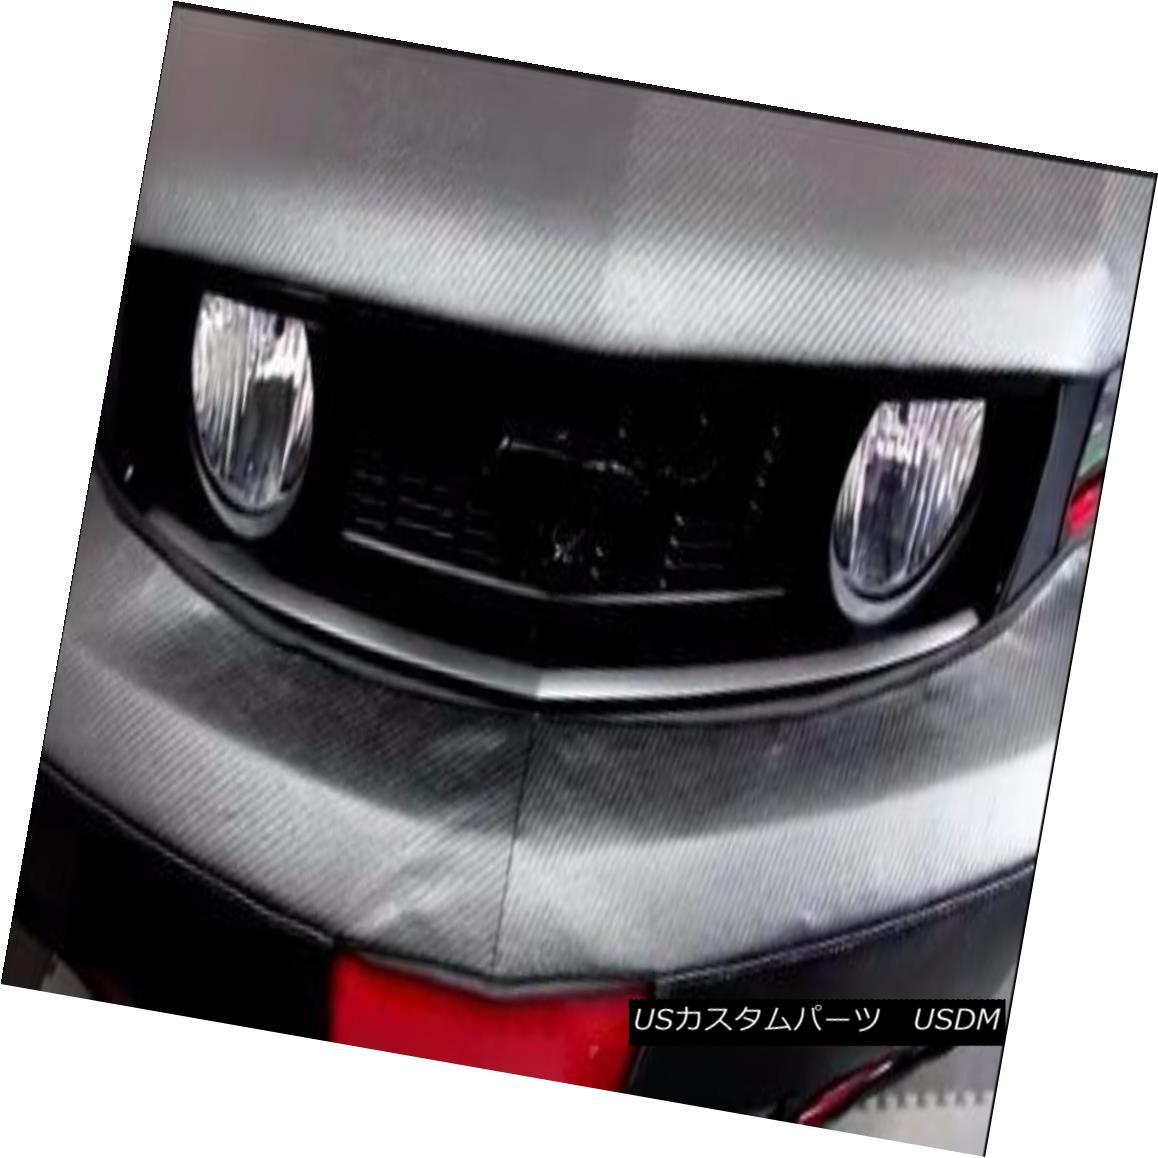 フルブラ ノーズブラ Colgan CF Front End Mask Bra 2pc. Fits Cadillac CTS-V Only 2008-2012 W/ Plate コルガンCFフロントエンドマスクブラ2pc。 Cadillac CTS-Vのみ2008-2012 W / Plateに適合